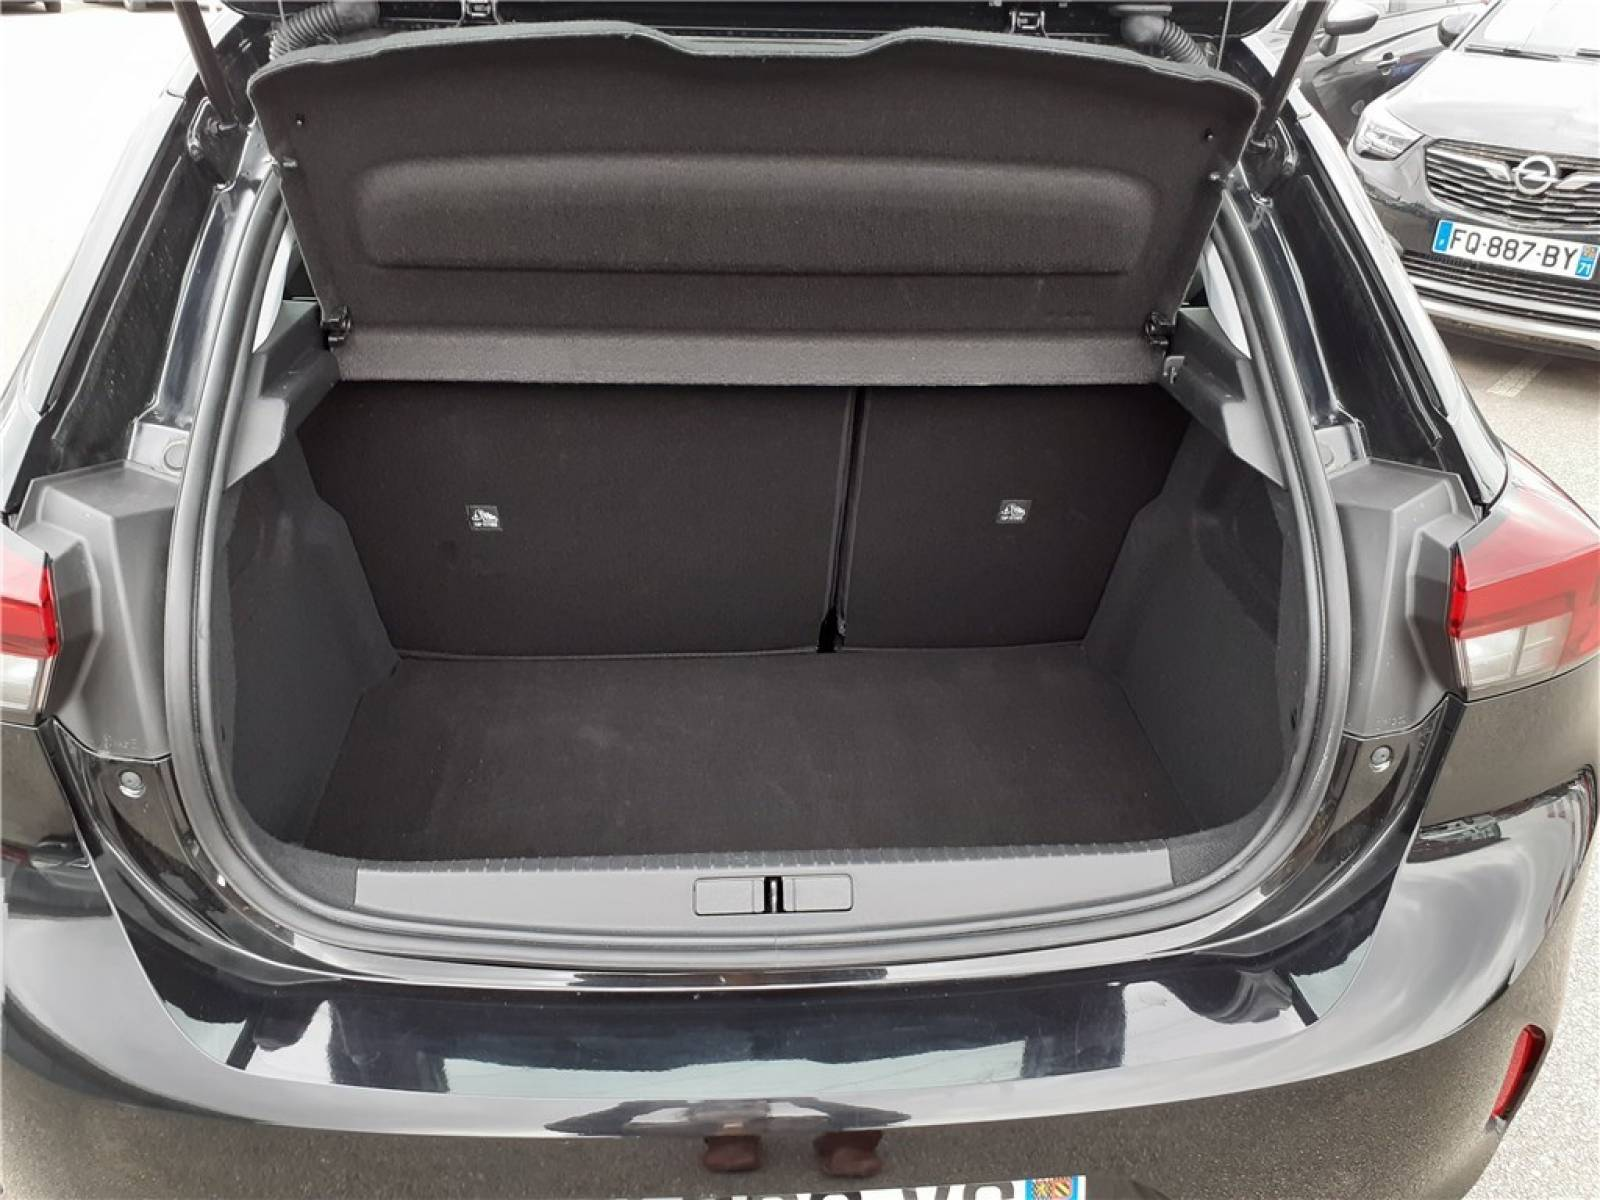 OPEL Corsa 1.2 75 ch BVM5 - véhicule d'occasion - Groupe Guillet - Opel Magicauto - Chalon-sur-Saône - 71380 - Saint-Marcel - 13